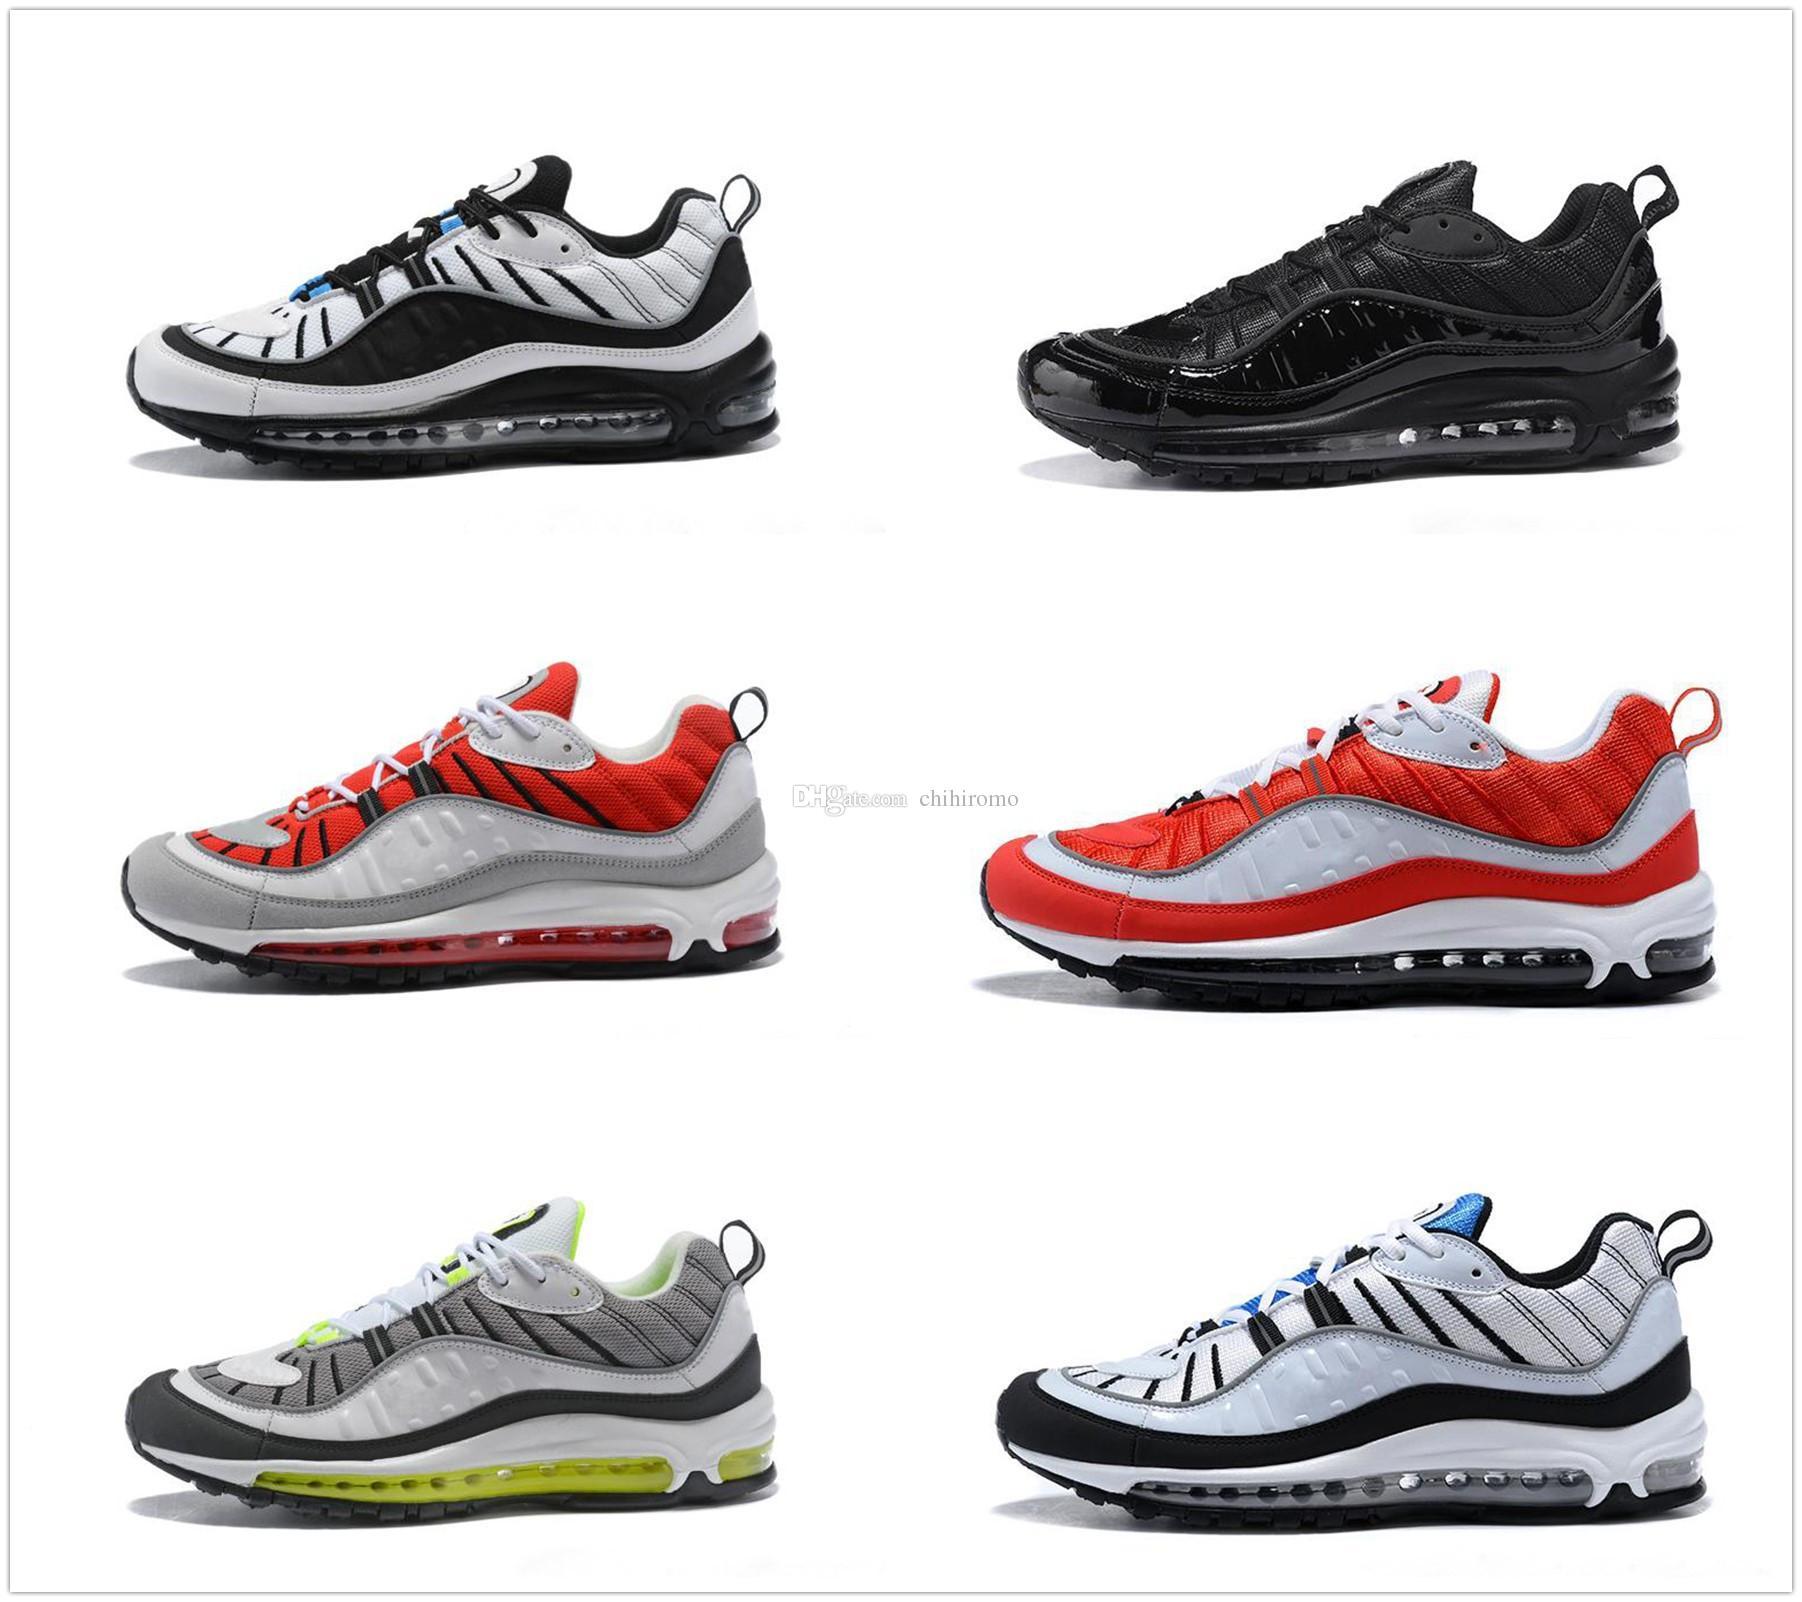 timeless design ea291 6f3c3 Compre Nike Air Max 98 Airmax Nuevo Top 98 98s Raya Azul Marino Blanco  Estilo Gundam La Mejor Calidad Para Hombre Zapatillas De Deporte Casuales  Sport ...